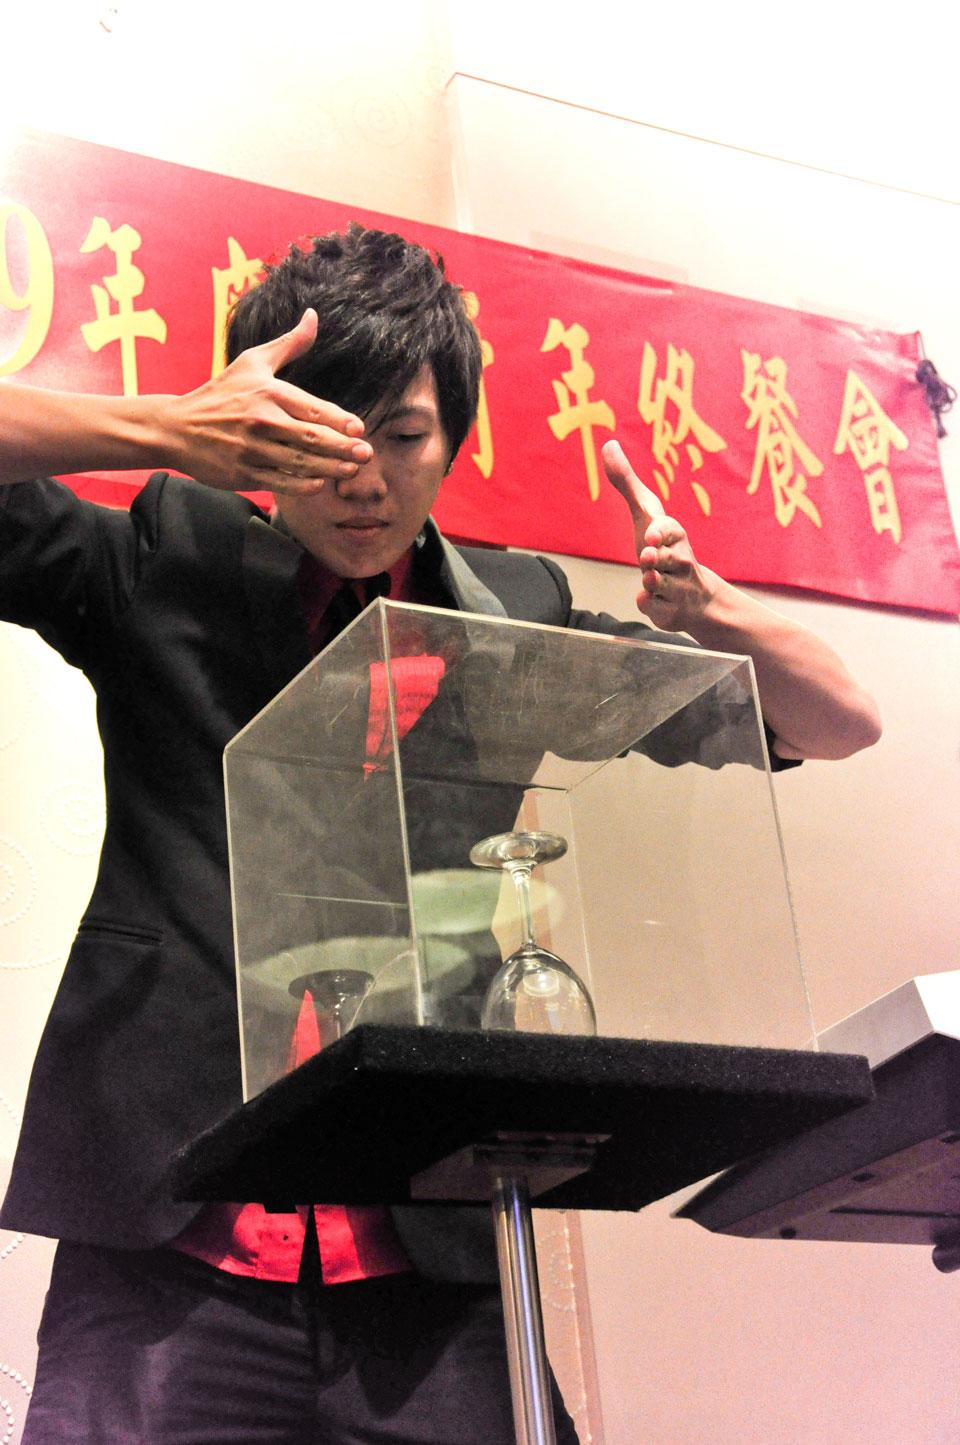 新中旅集團公司尾牙,邀請米爾可帶來魔術表演秀要娛樂全體員工